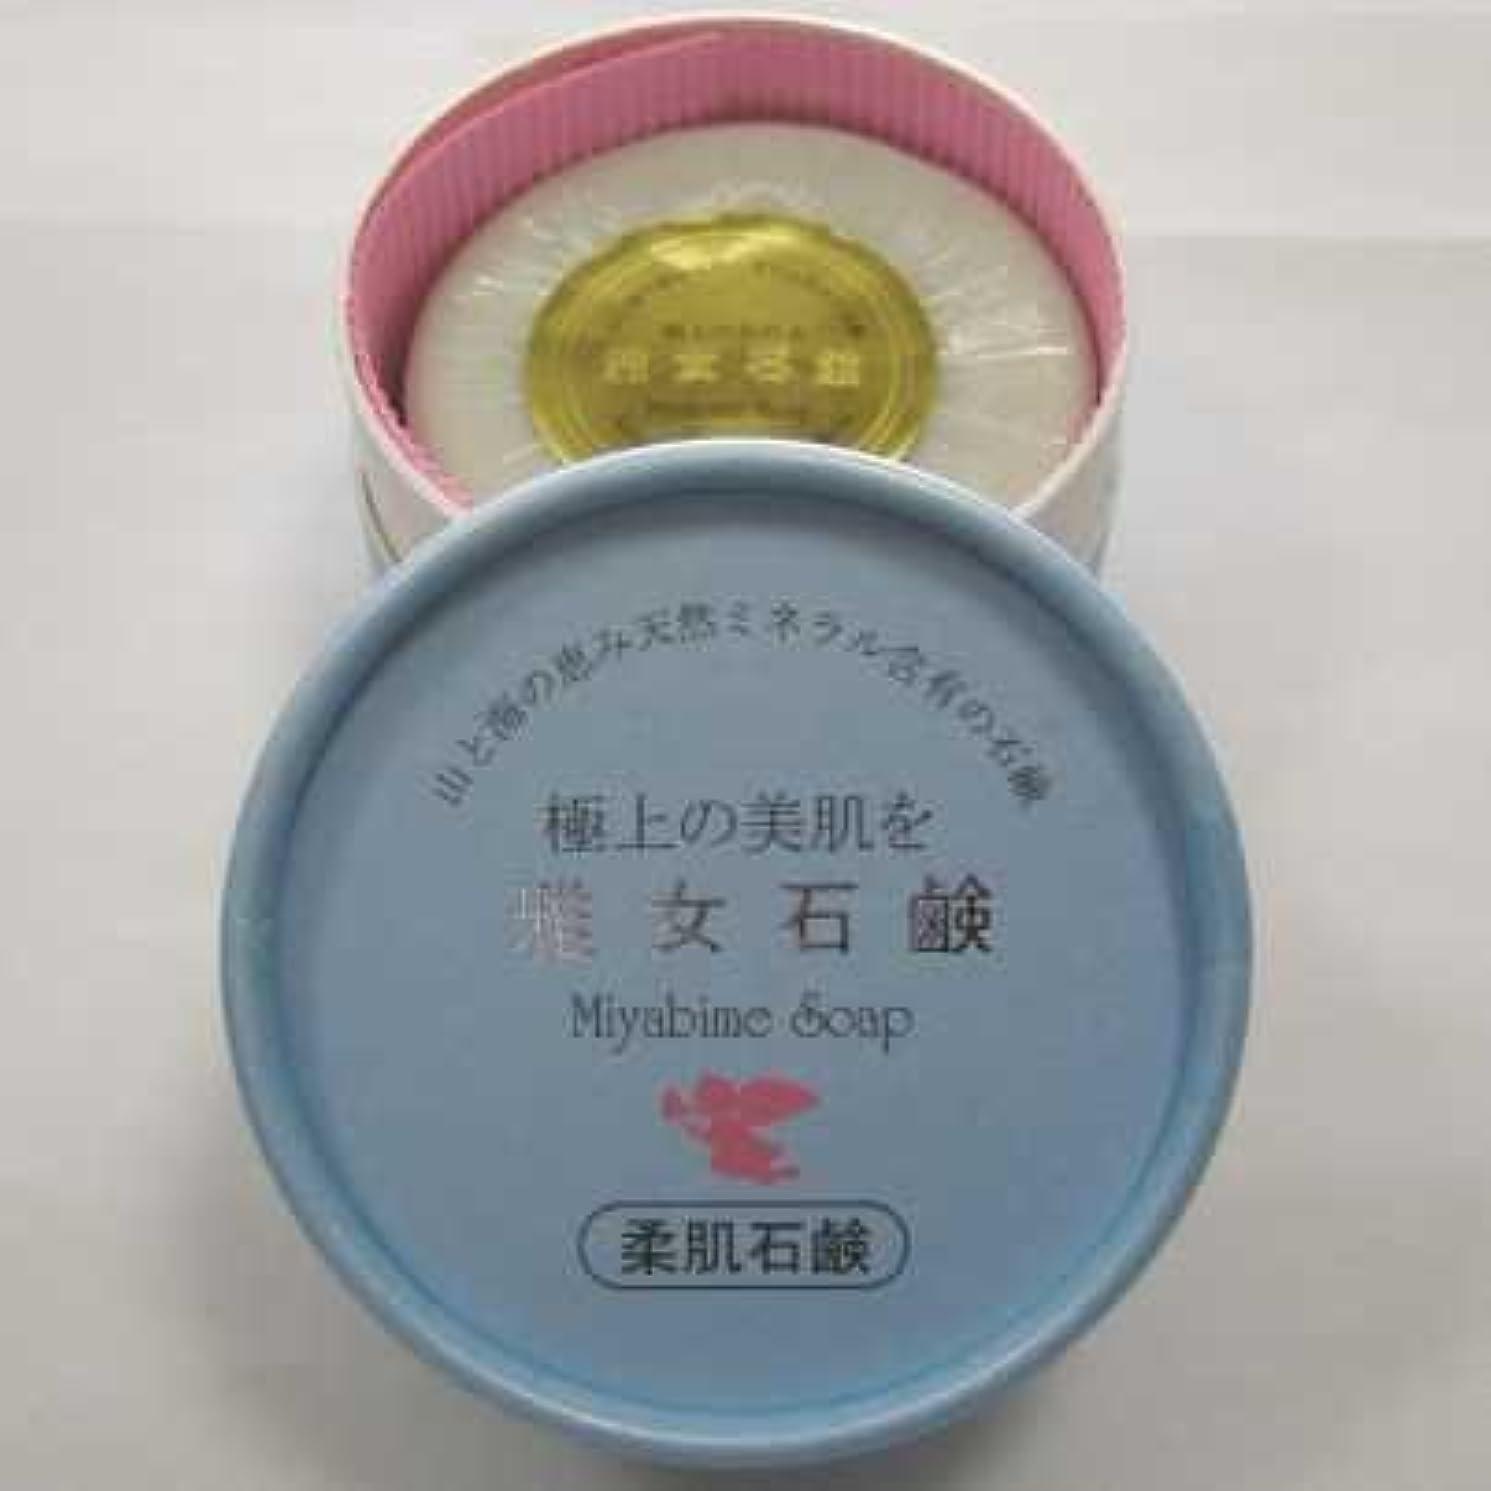 合体弾力性のあるフロンティア雅女石鹸(Miyabime Soap)